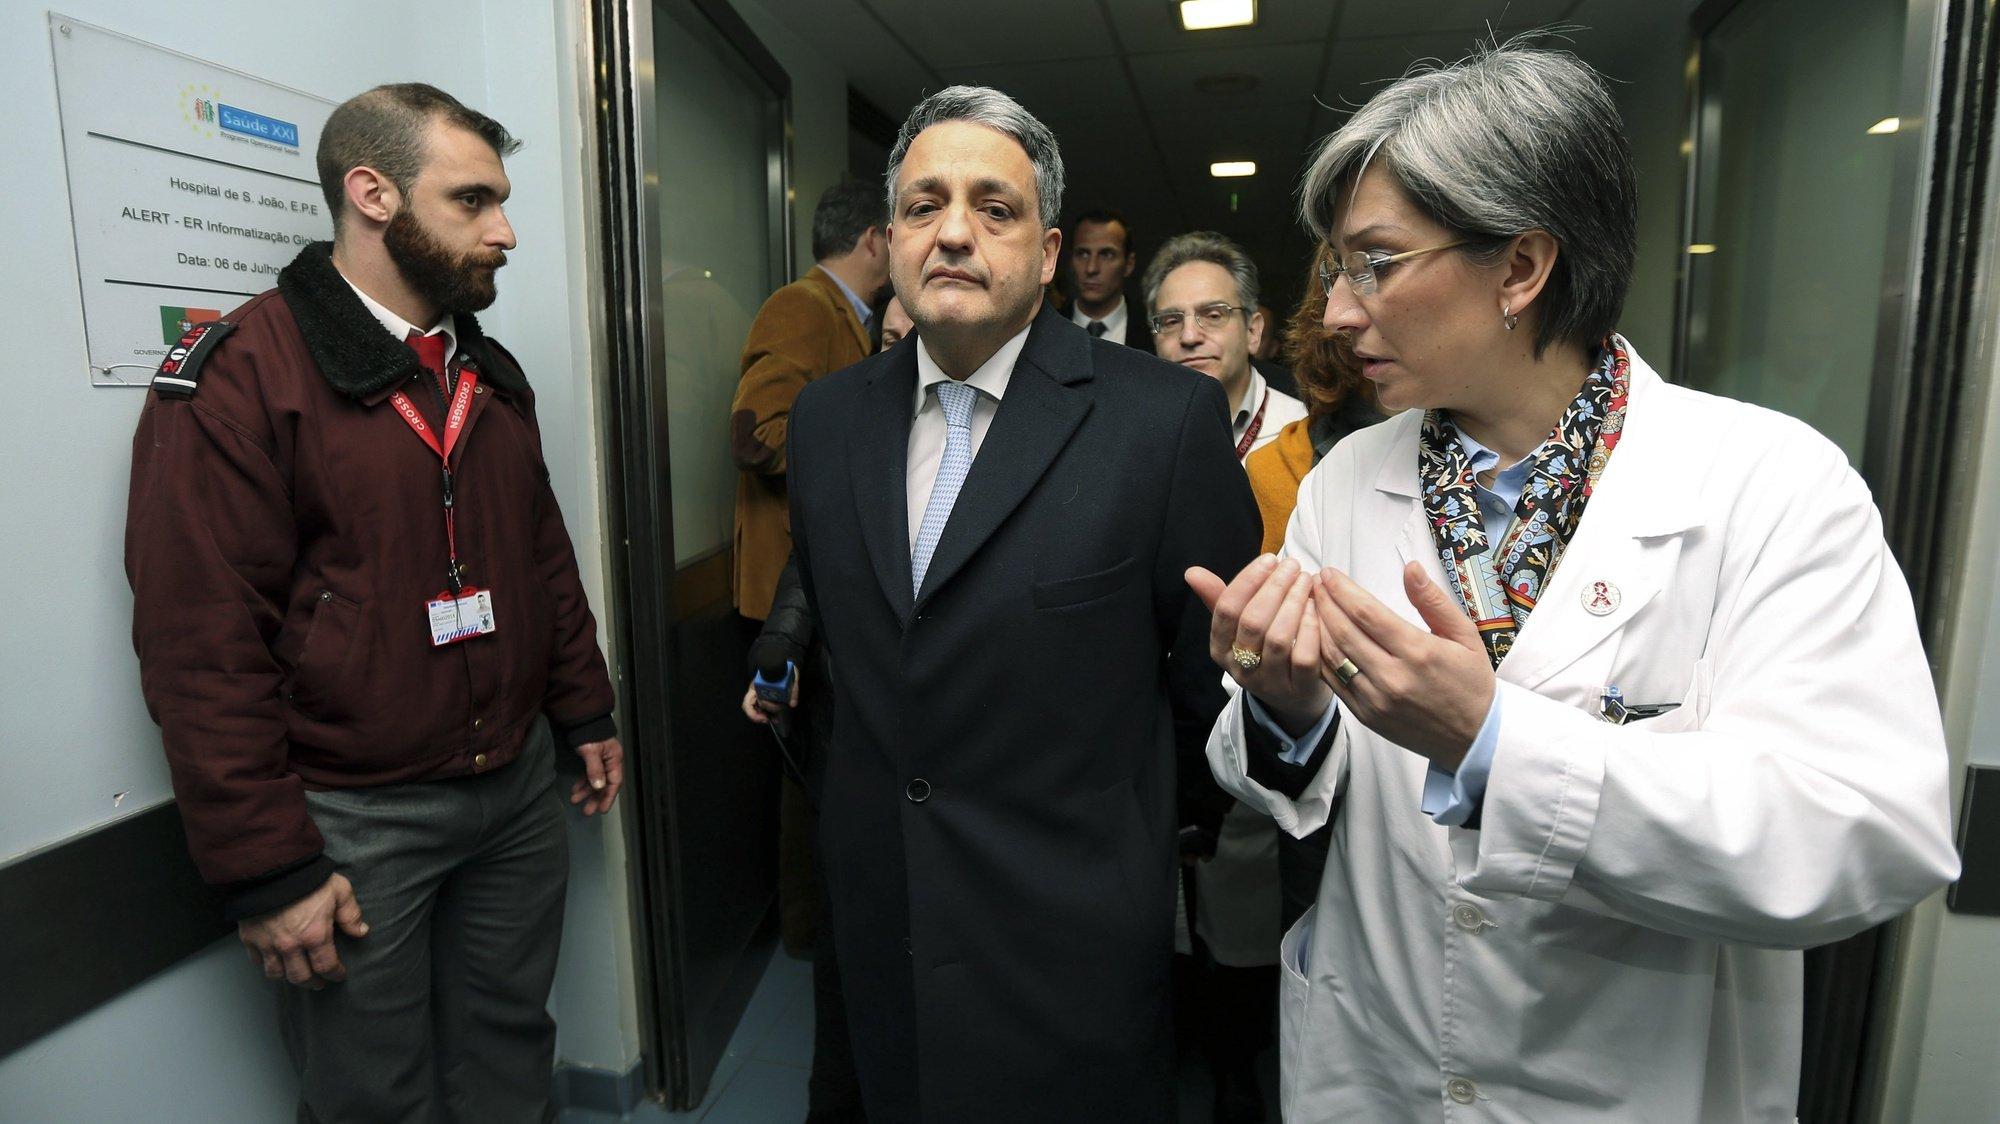 O Ministro da Saúde, Paulo Macedo (C), acompanhado por Margarida Tavares, a diretora clínica (D), visita o Hospital de São João, no Porto, 27 janeiro 2015. ESTELA SILVA/LUSA